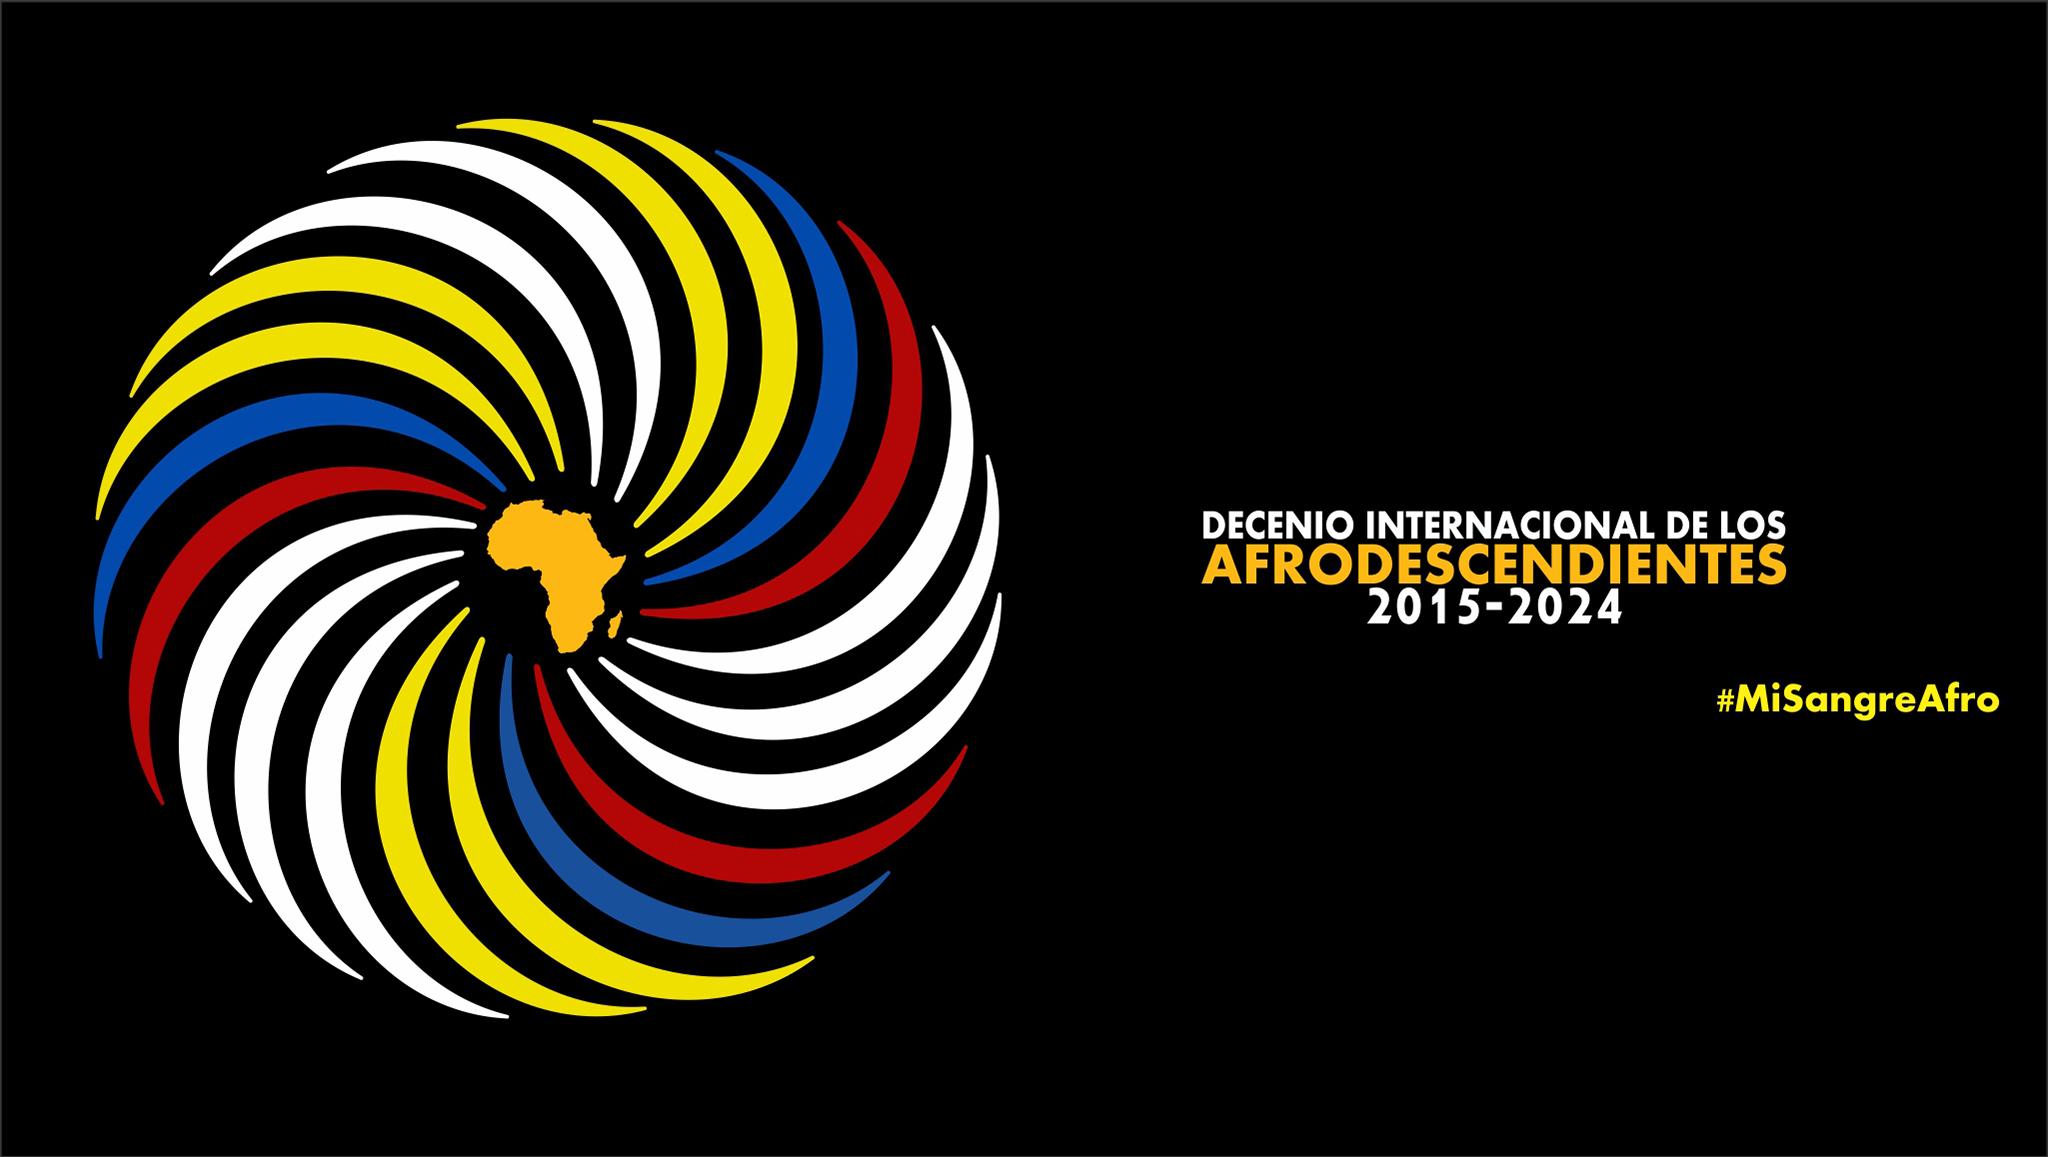 Decenio-AfrodescendienteYoutube-Afro.jpg